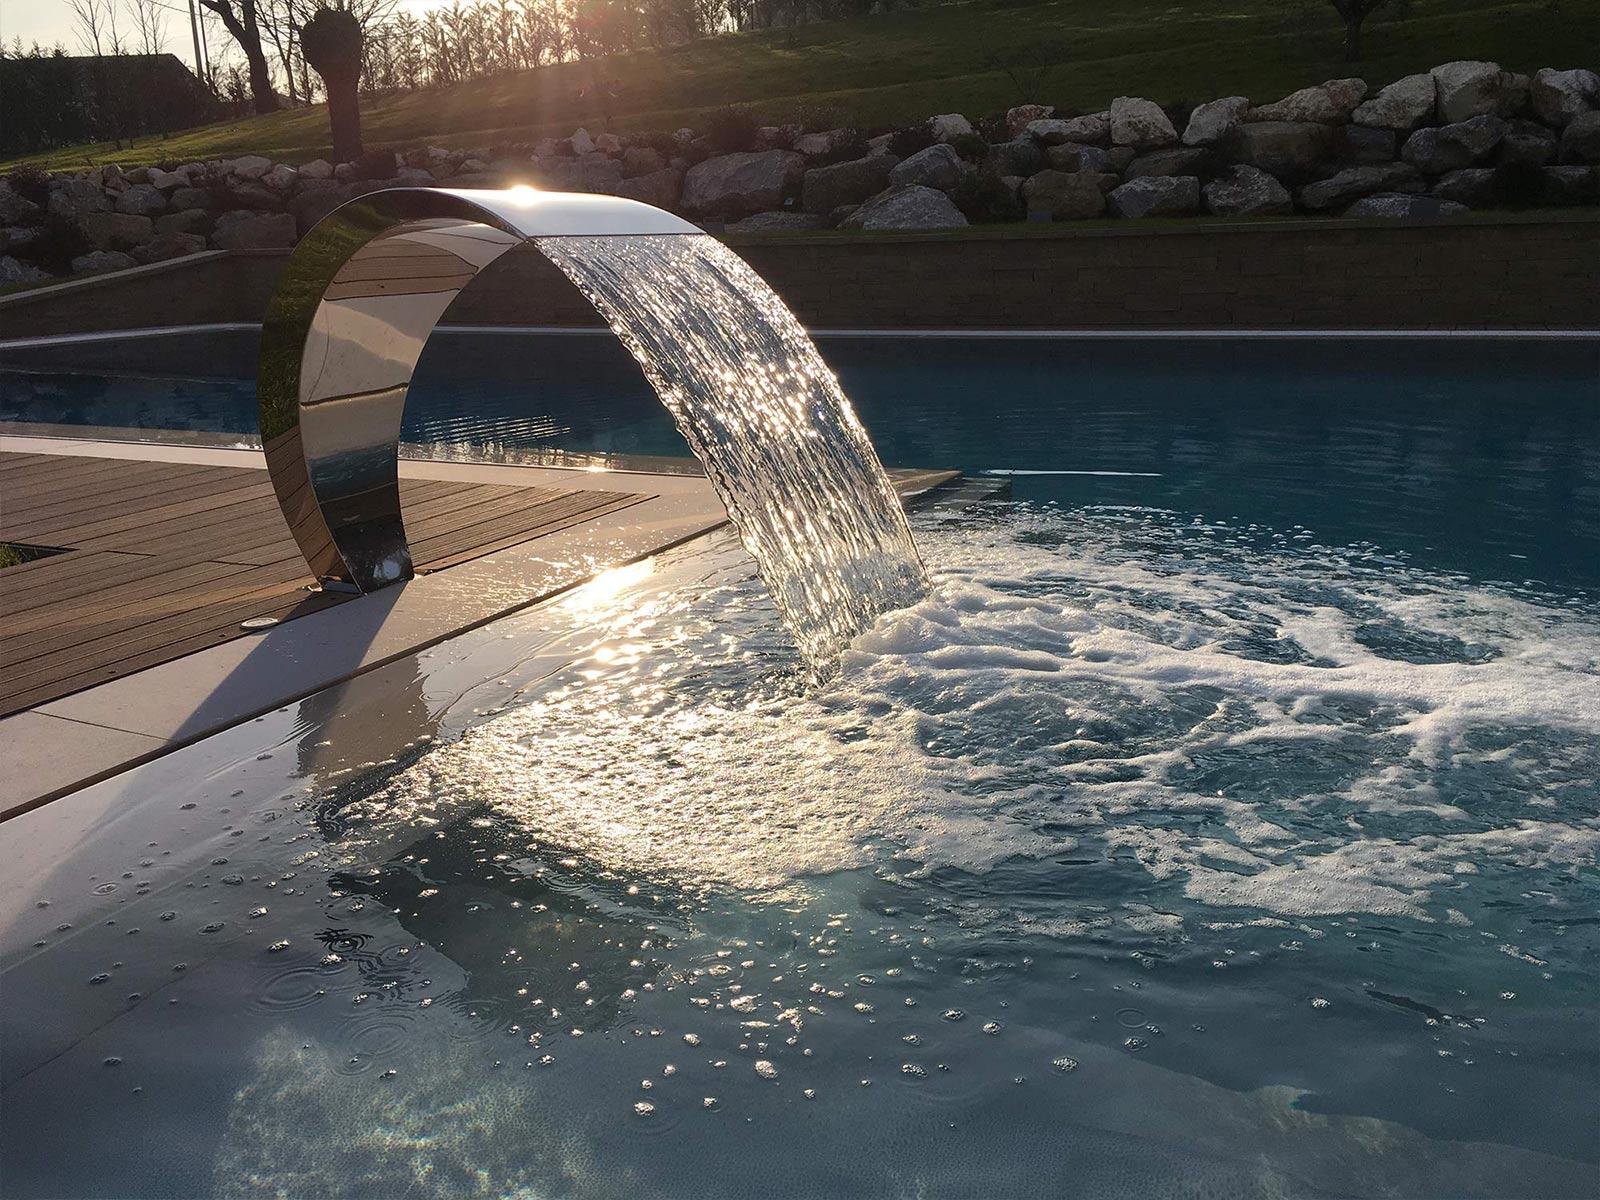 piscina a sfioro con lama d'acqua